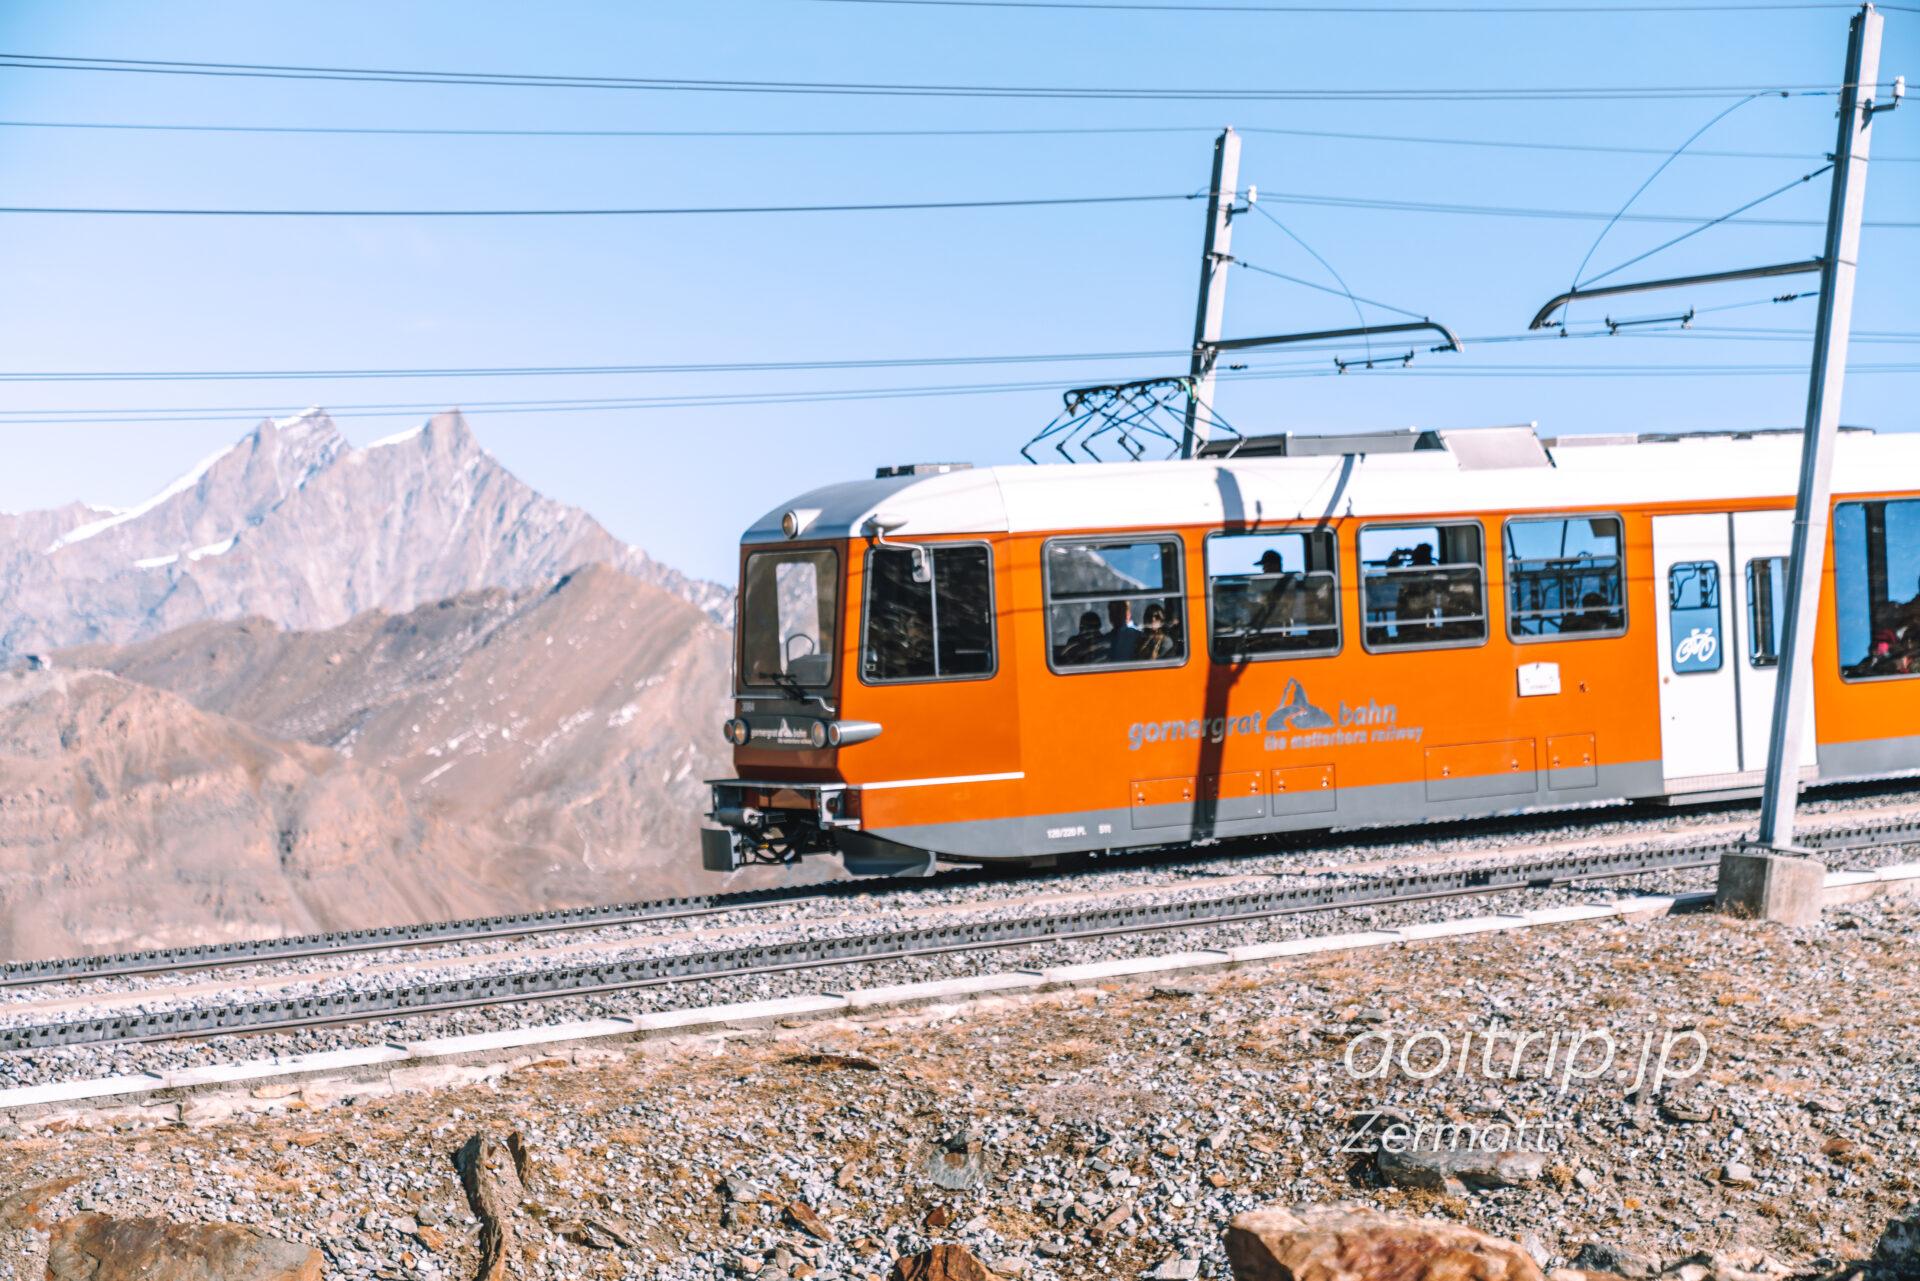 ゴルナーグラートのハイキング 線路を走るゴルナーグラート鉄道